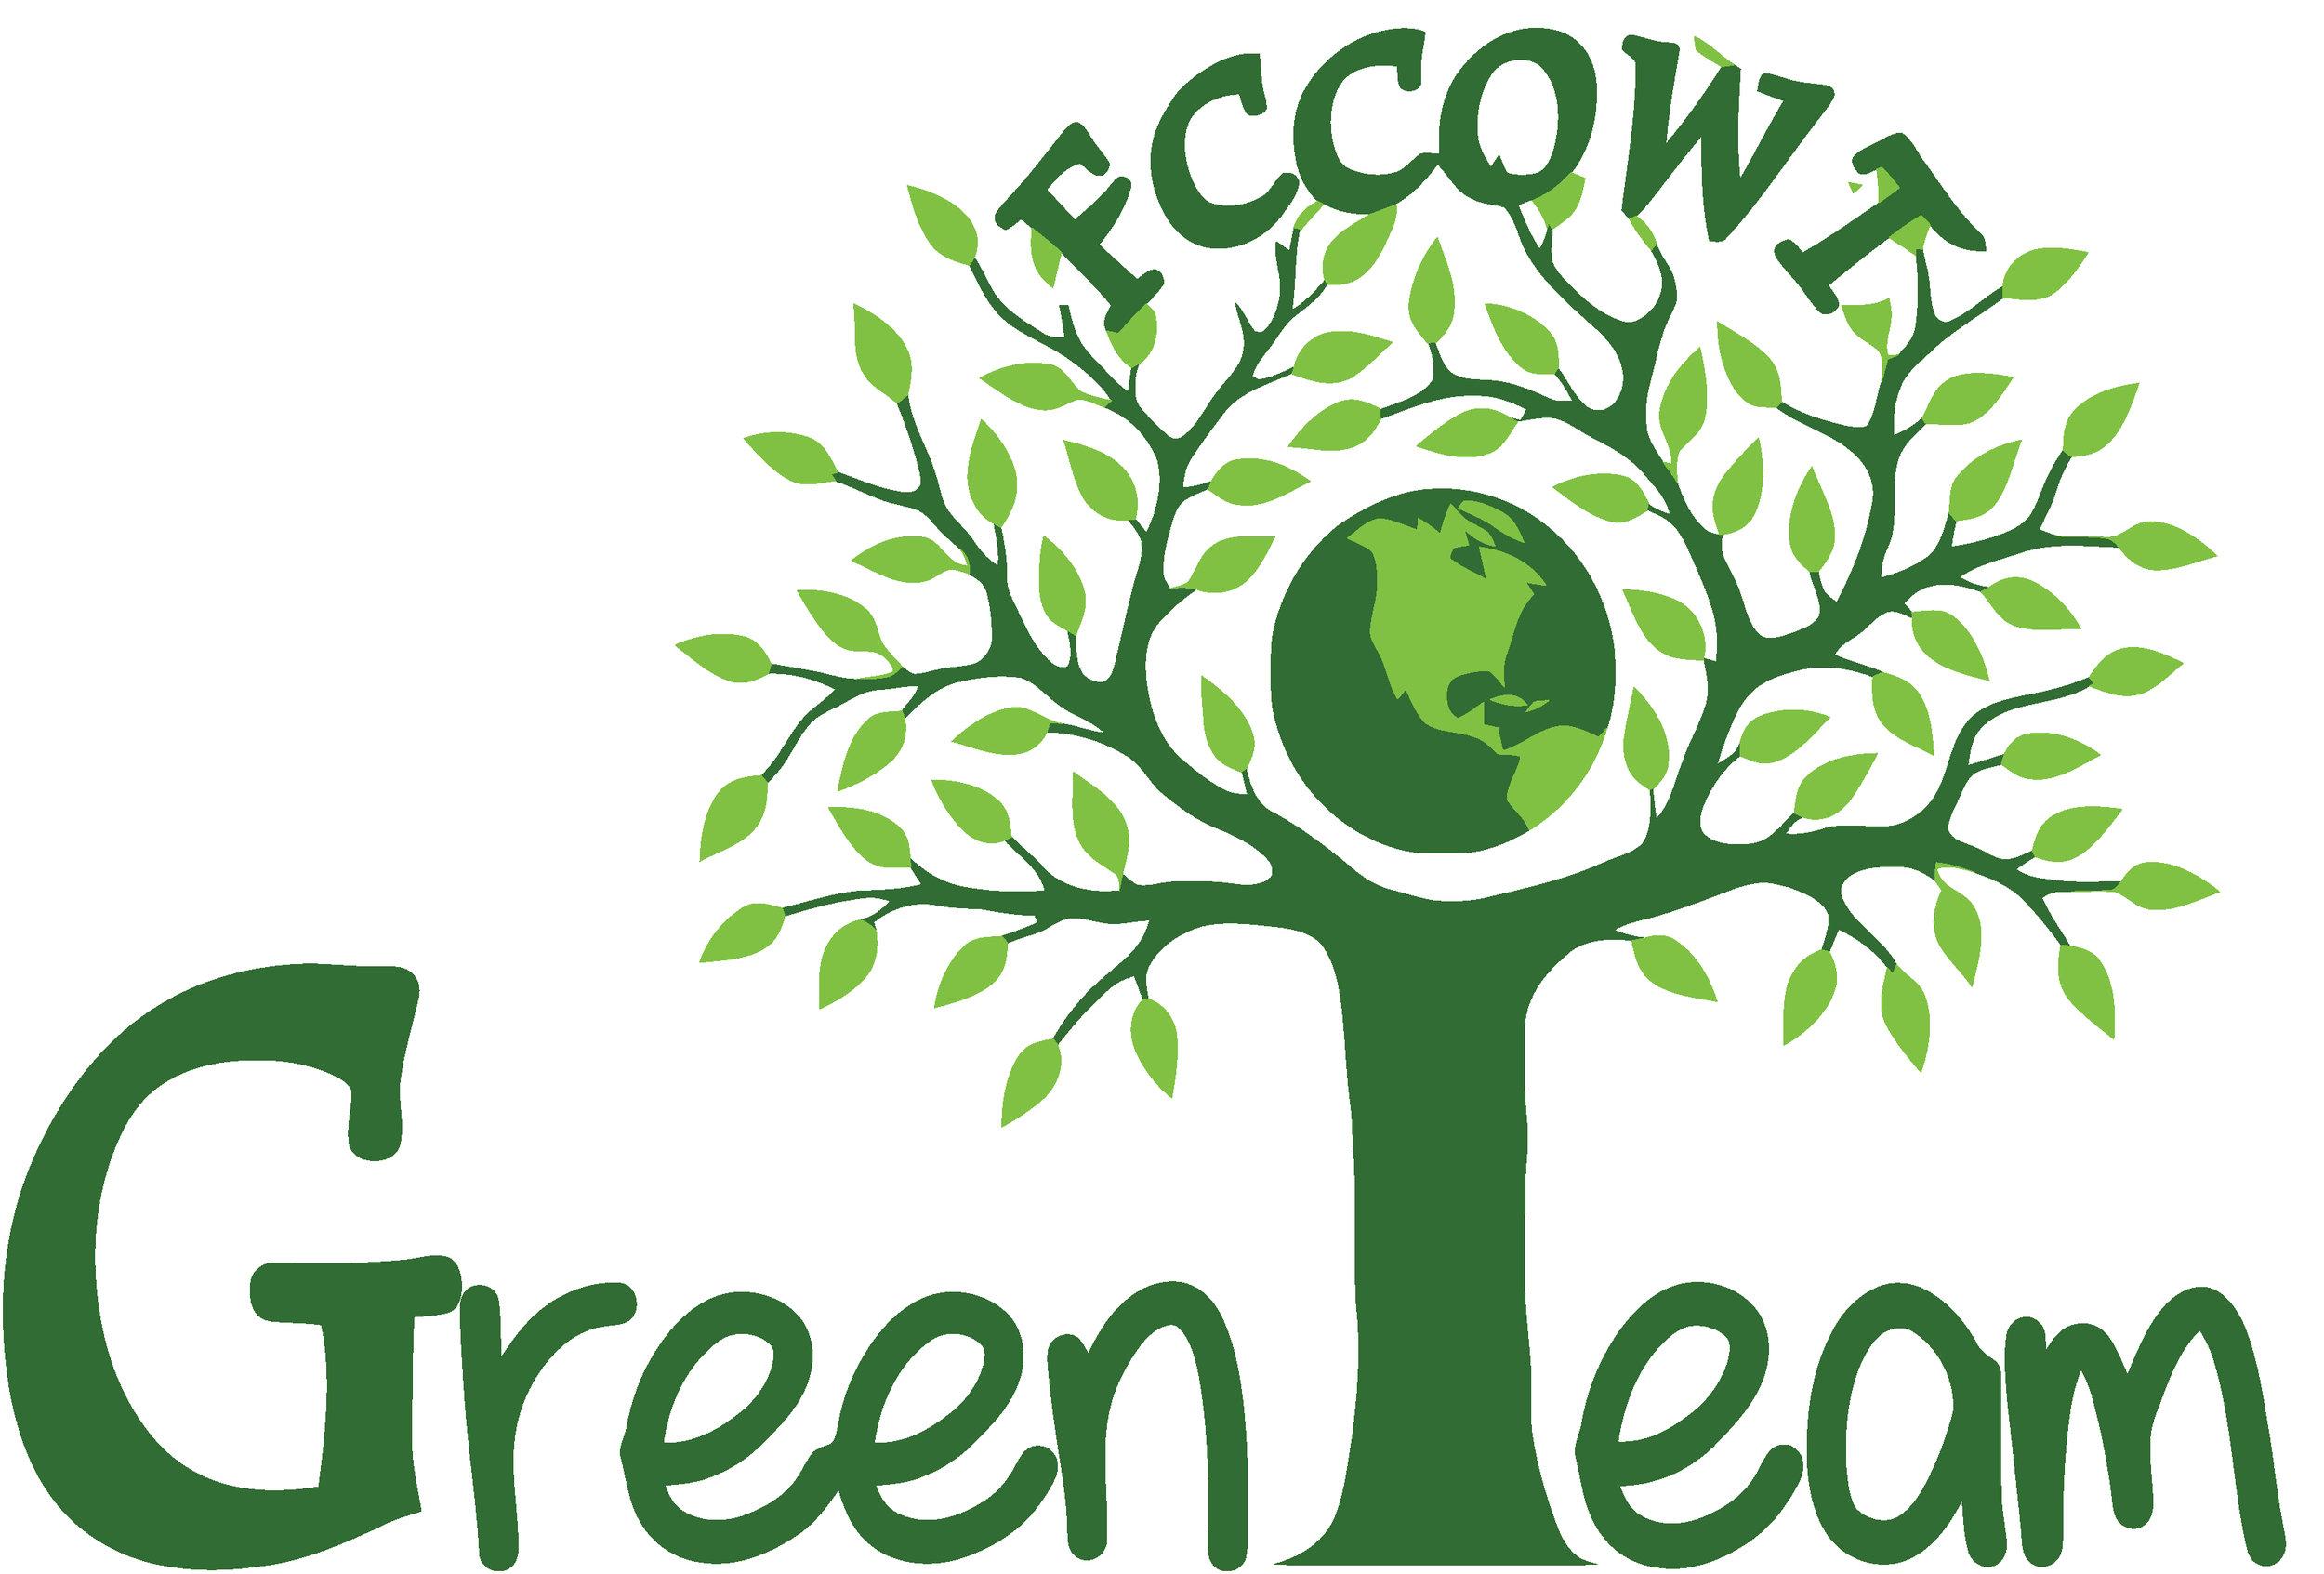 Green Team Logo vector.jpg